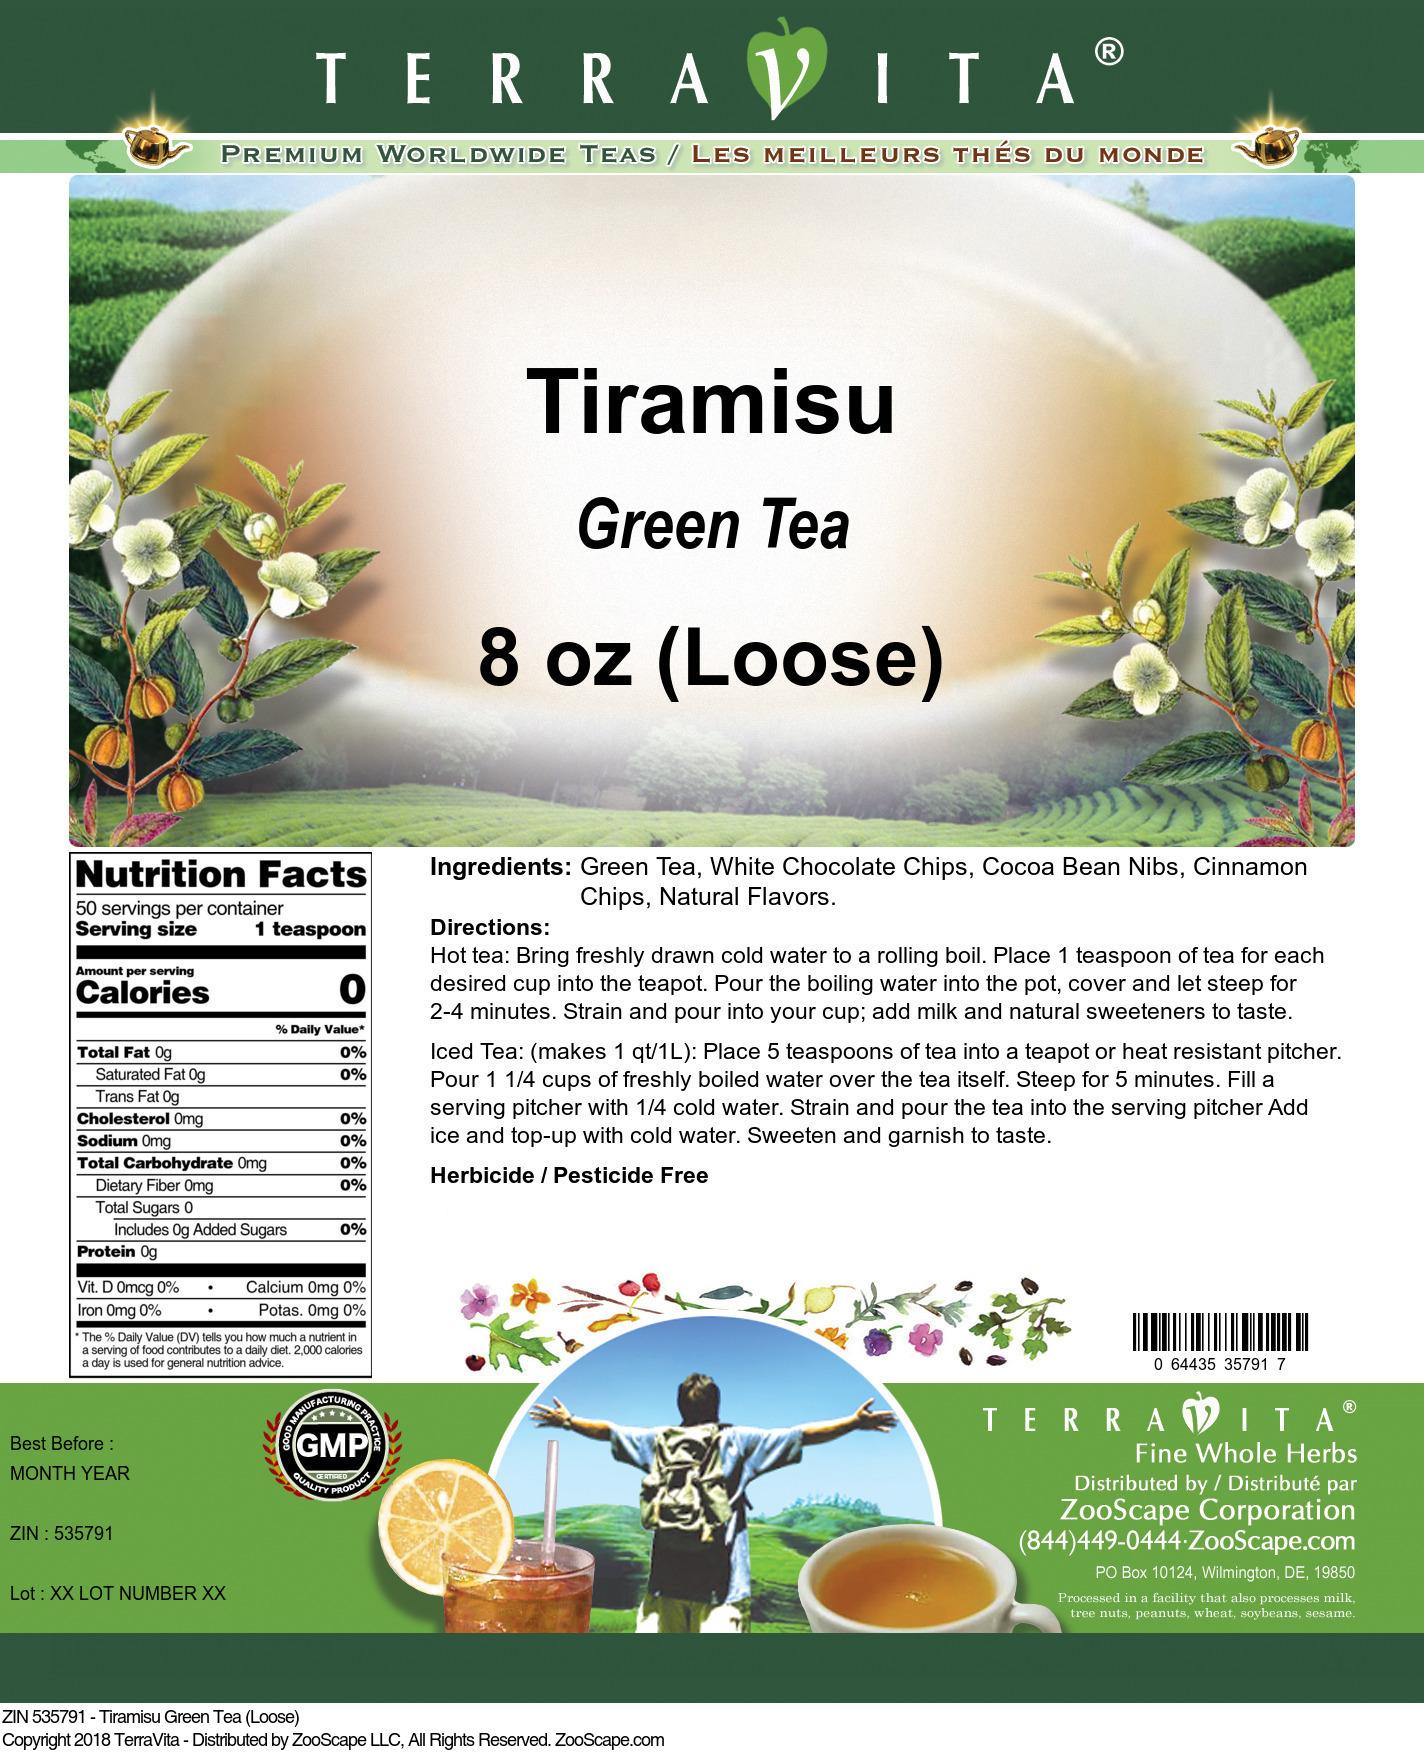 Tiramisu Green Tea (Loose)